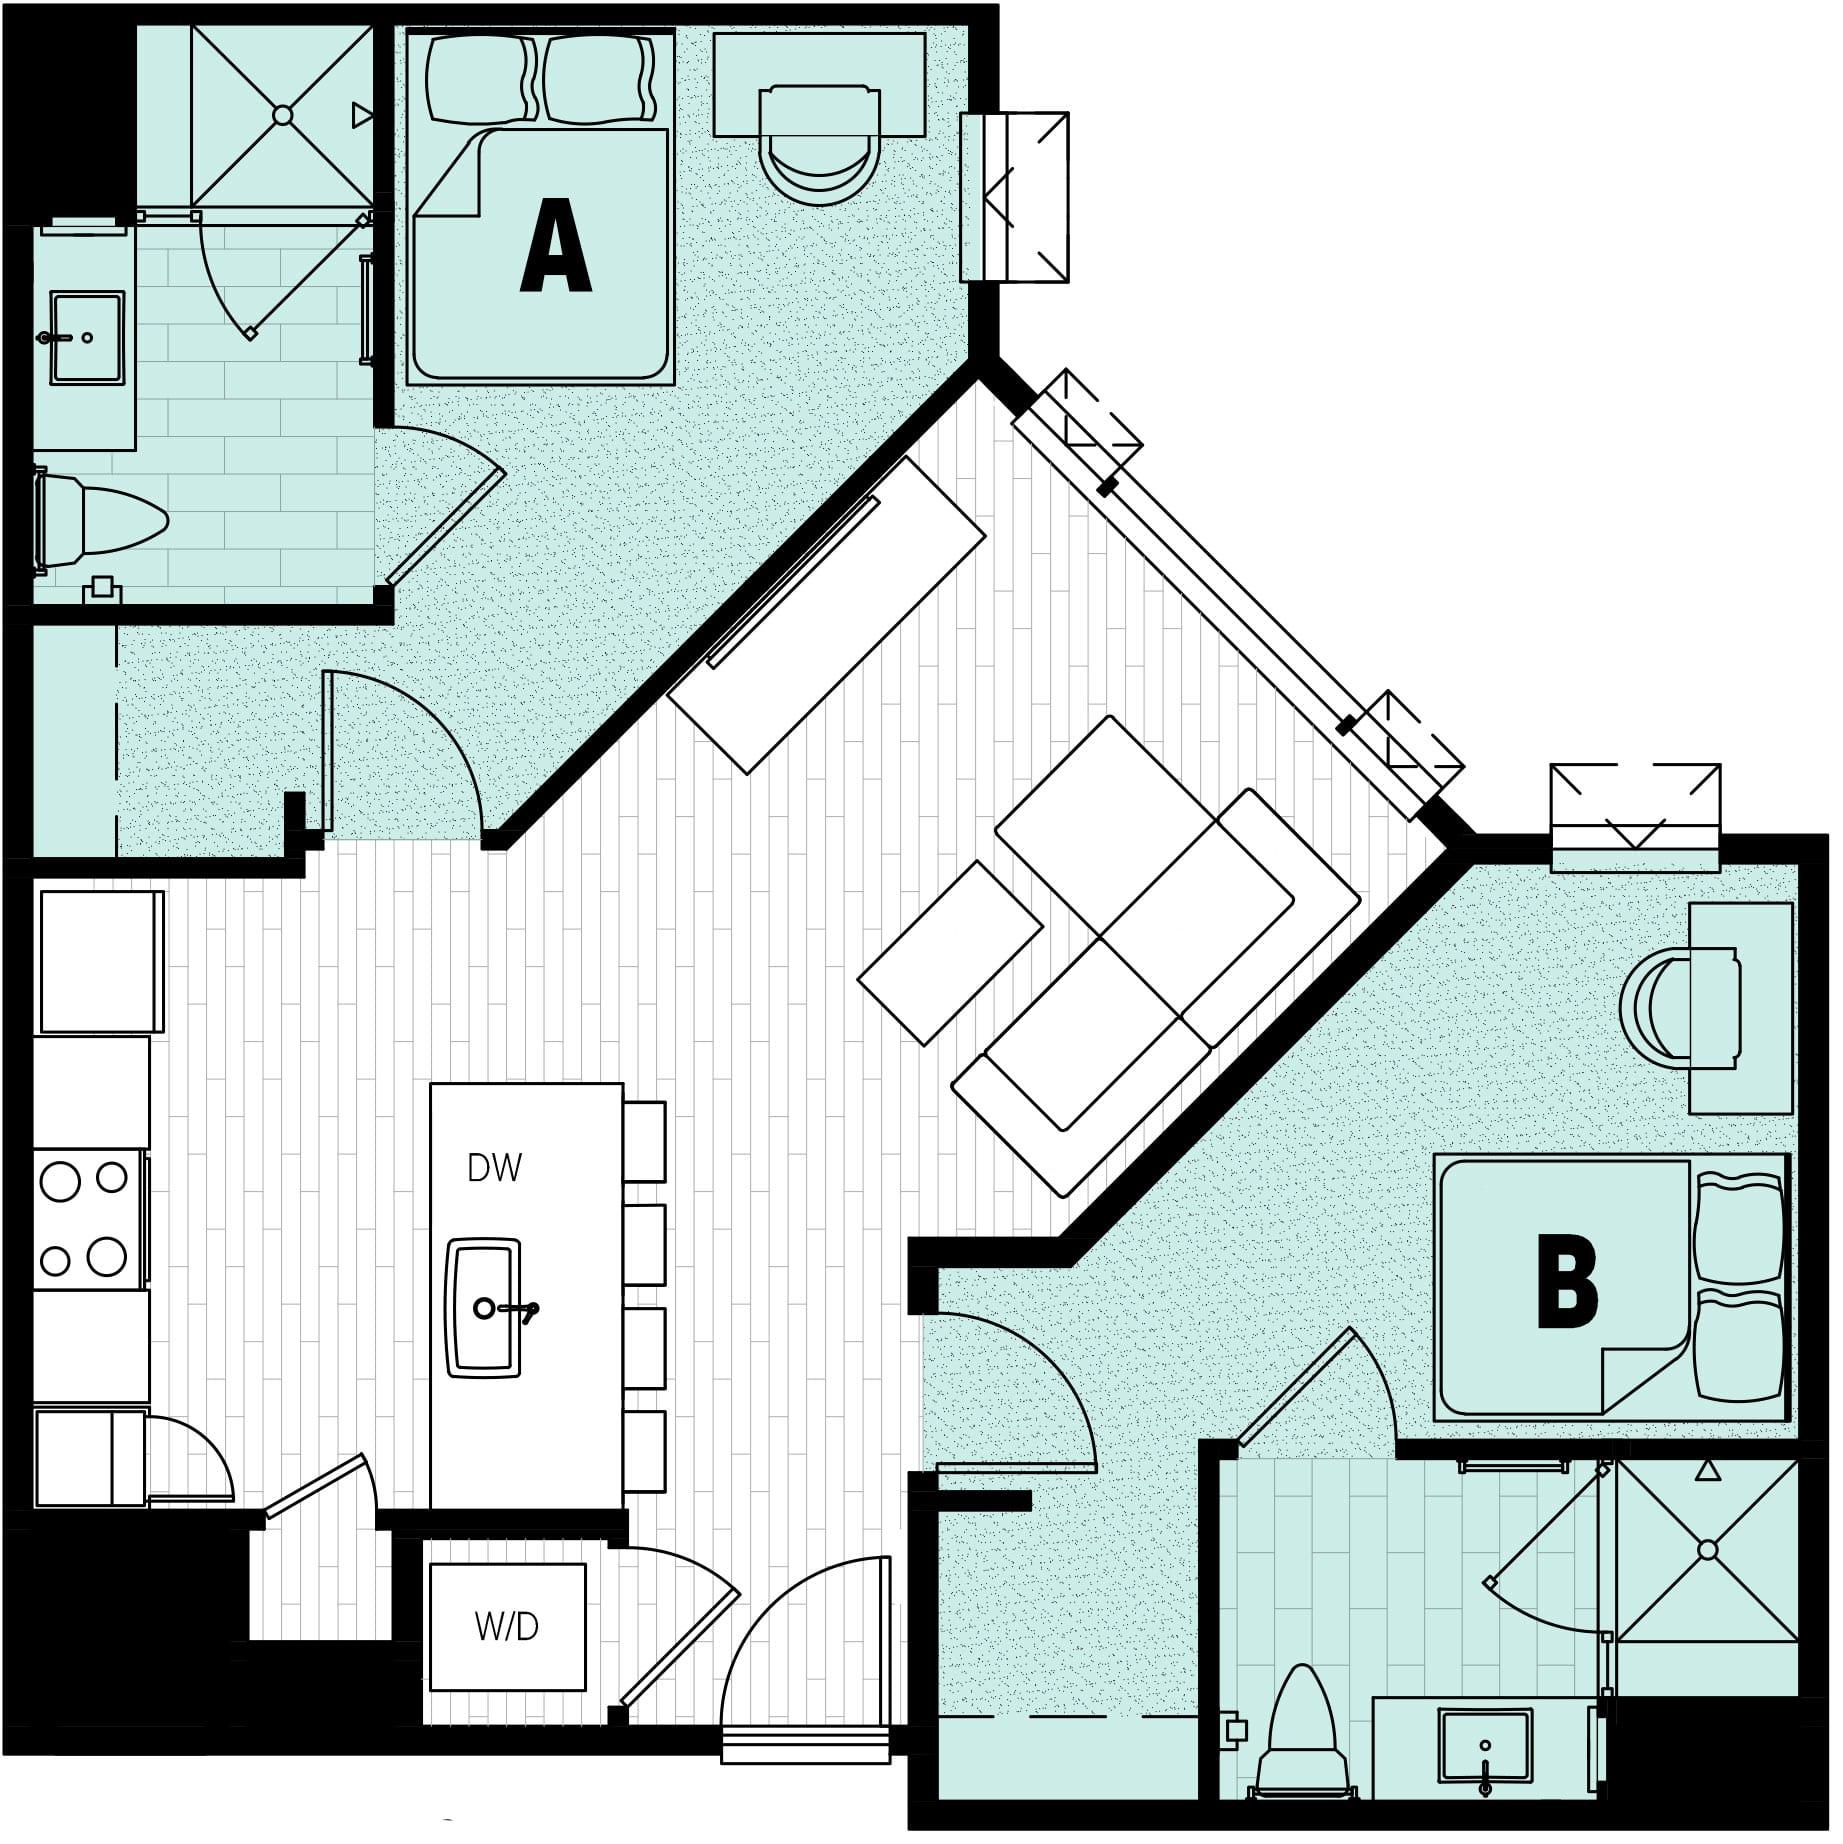 Rendering for 2x2 floor plan